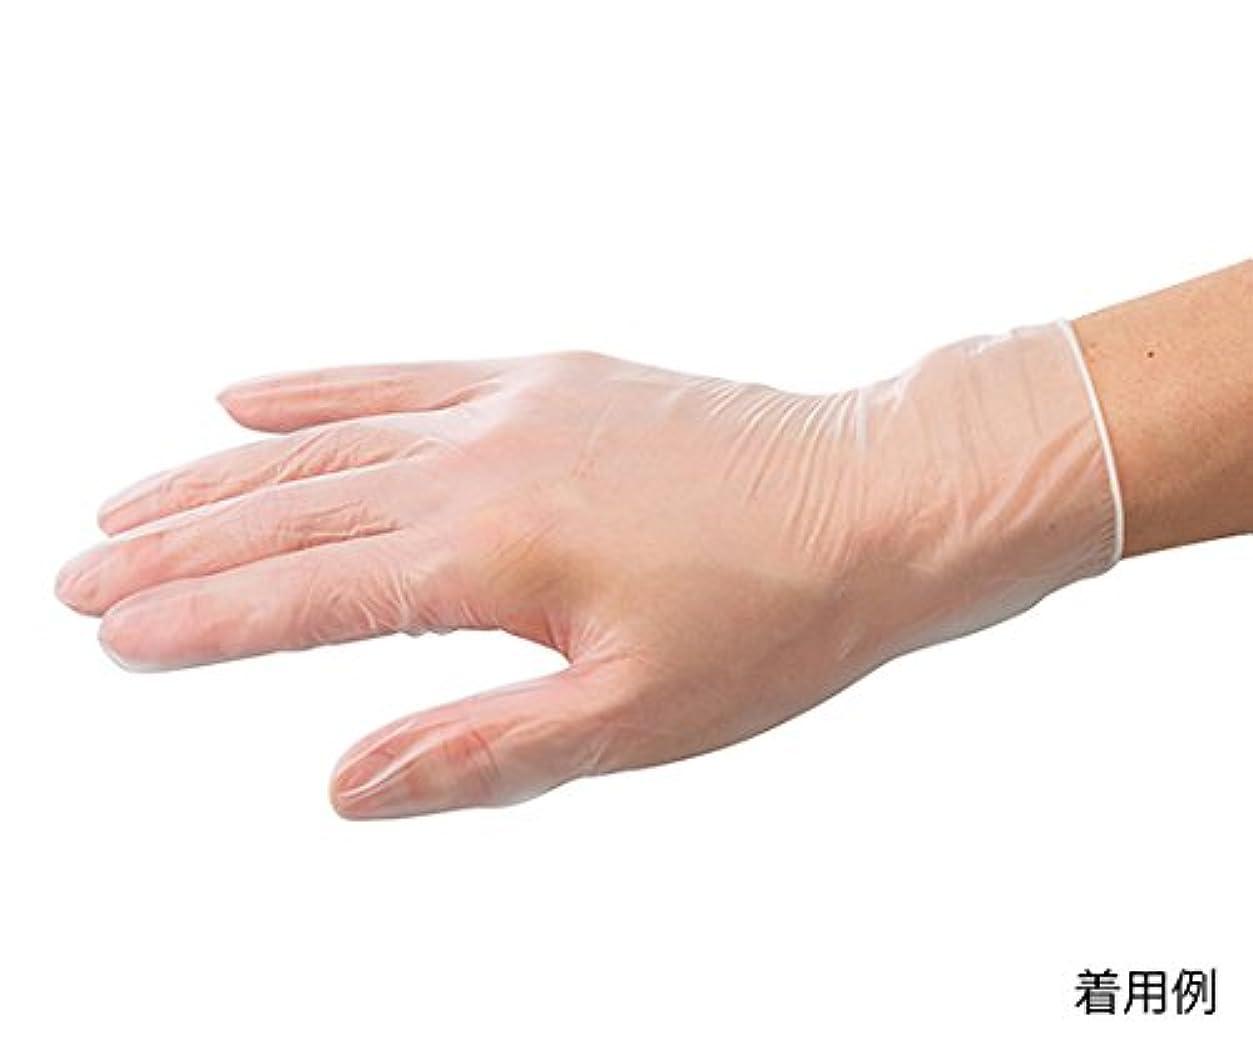 省略鳴り響くで出来ているARメディコム?インク?アジアリミテッド7-3726-03バイタルプラスチック手袋(パウダーフリー)L150枚入